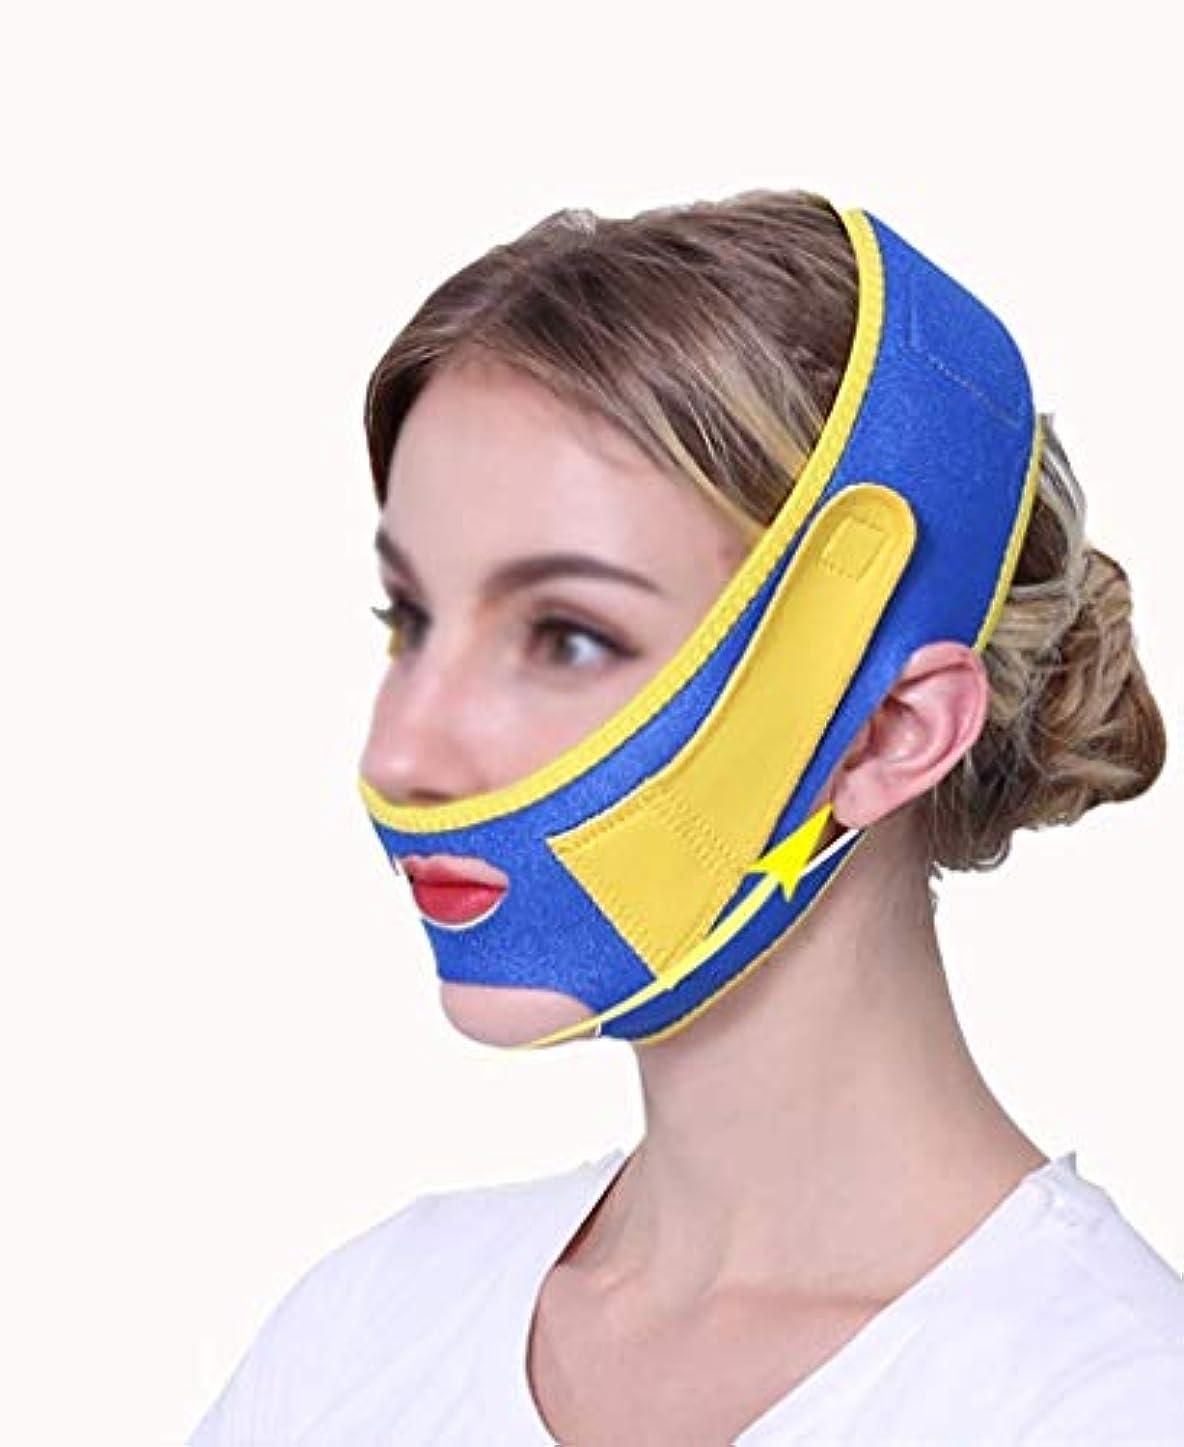 ピアース火傷コジオスコフェイスリフトマスク、あごひも回復包帯薄いフェイスマスクVフェイスステッカーフェイスリフトステッカー韓国本物のリフティング引き締め引き締め成形薄いダブルチンフェイスリフト睡眠包帯アーティファクト